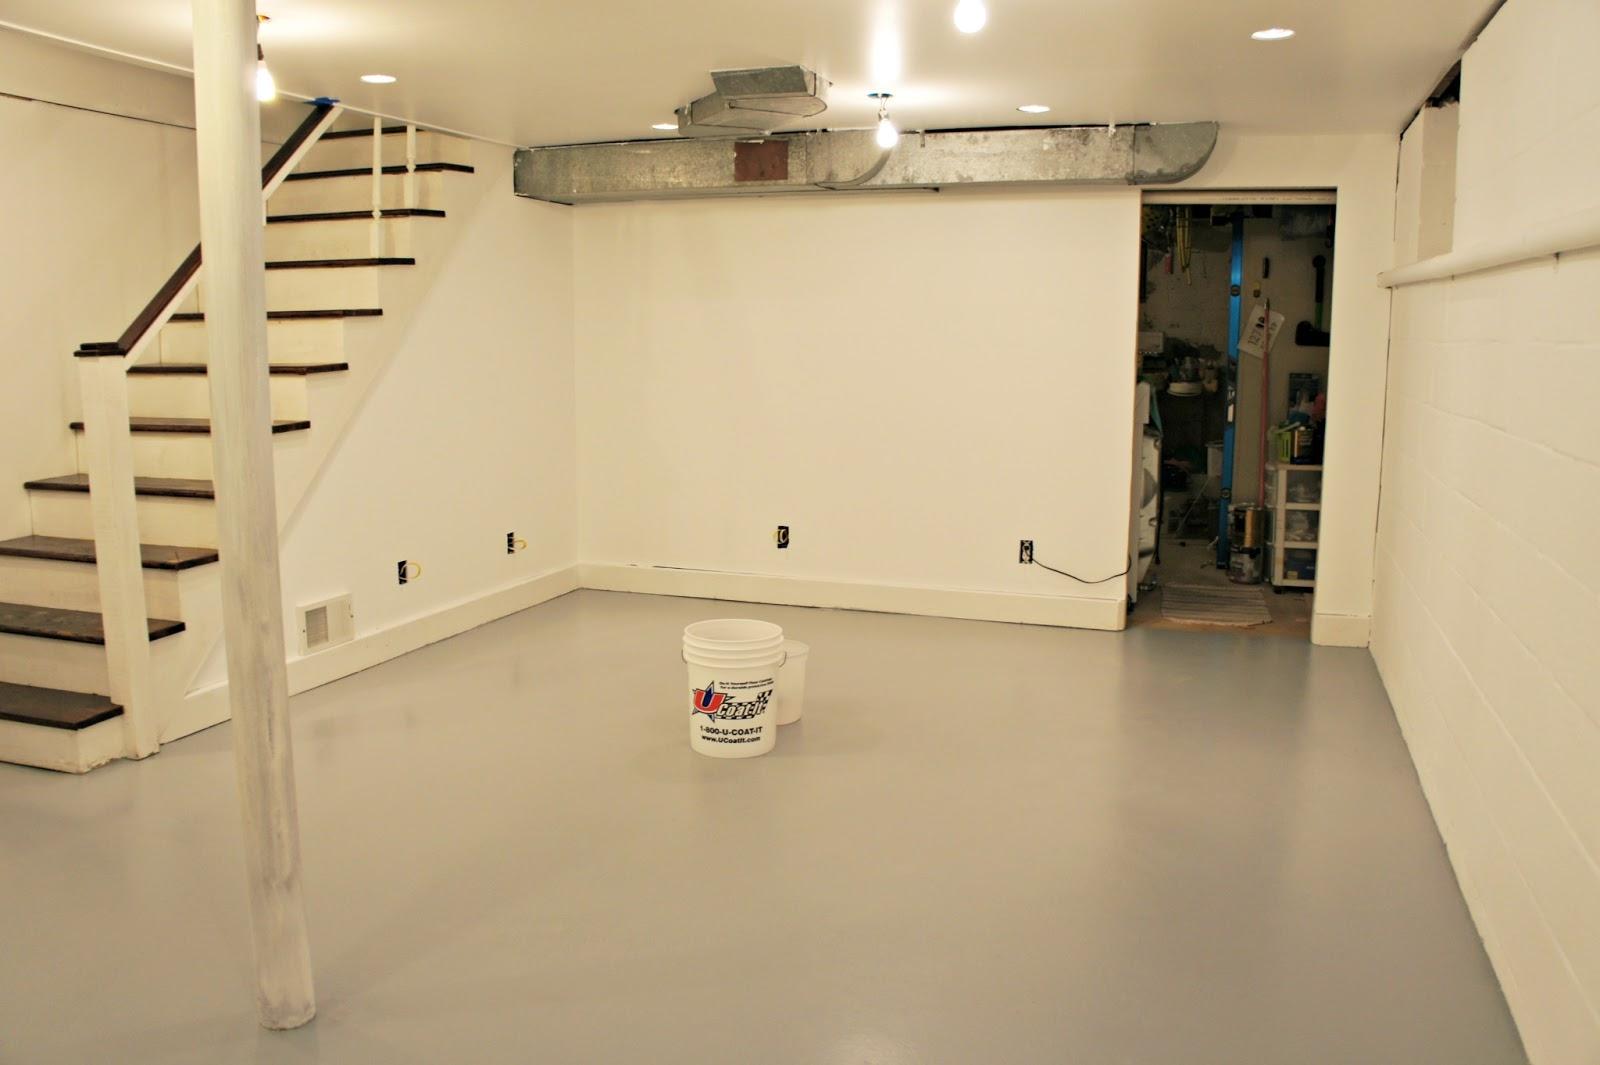 Basement Flooring Options Over Uneven Concrete